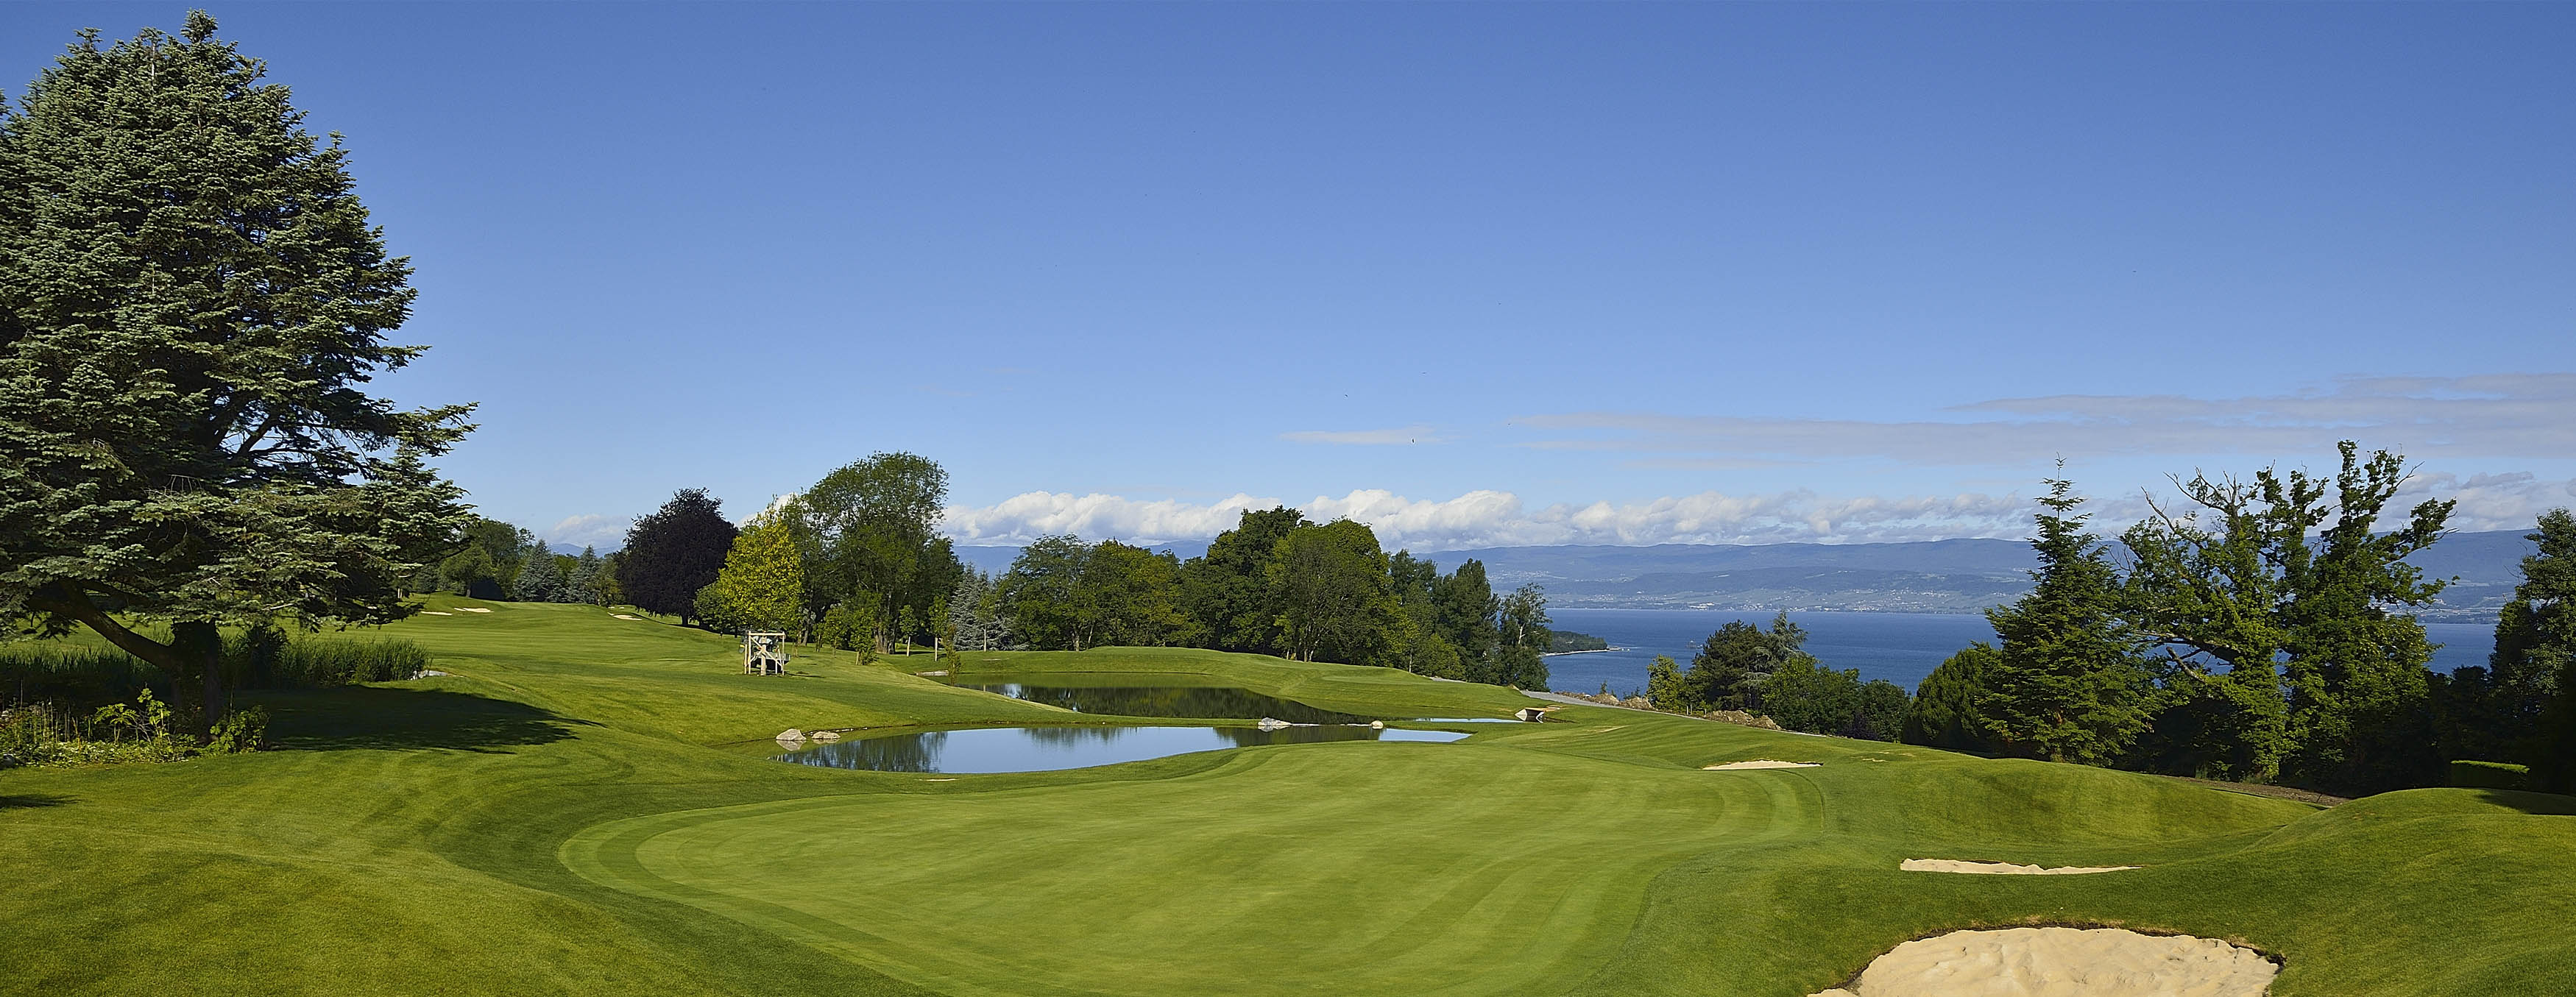 Garden Of The S Golf Course Garden Ftempo